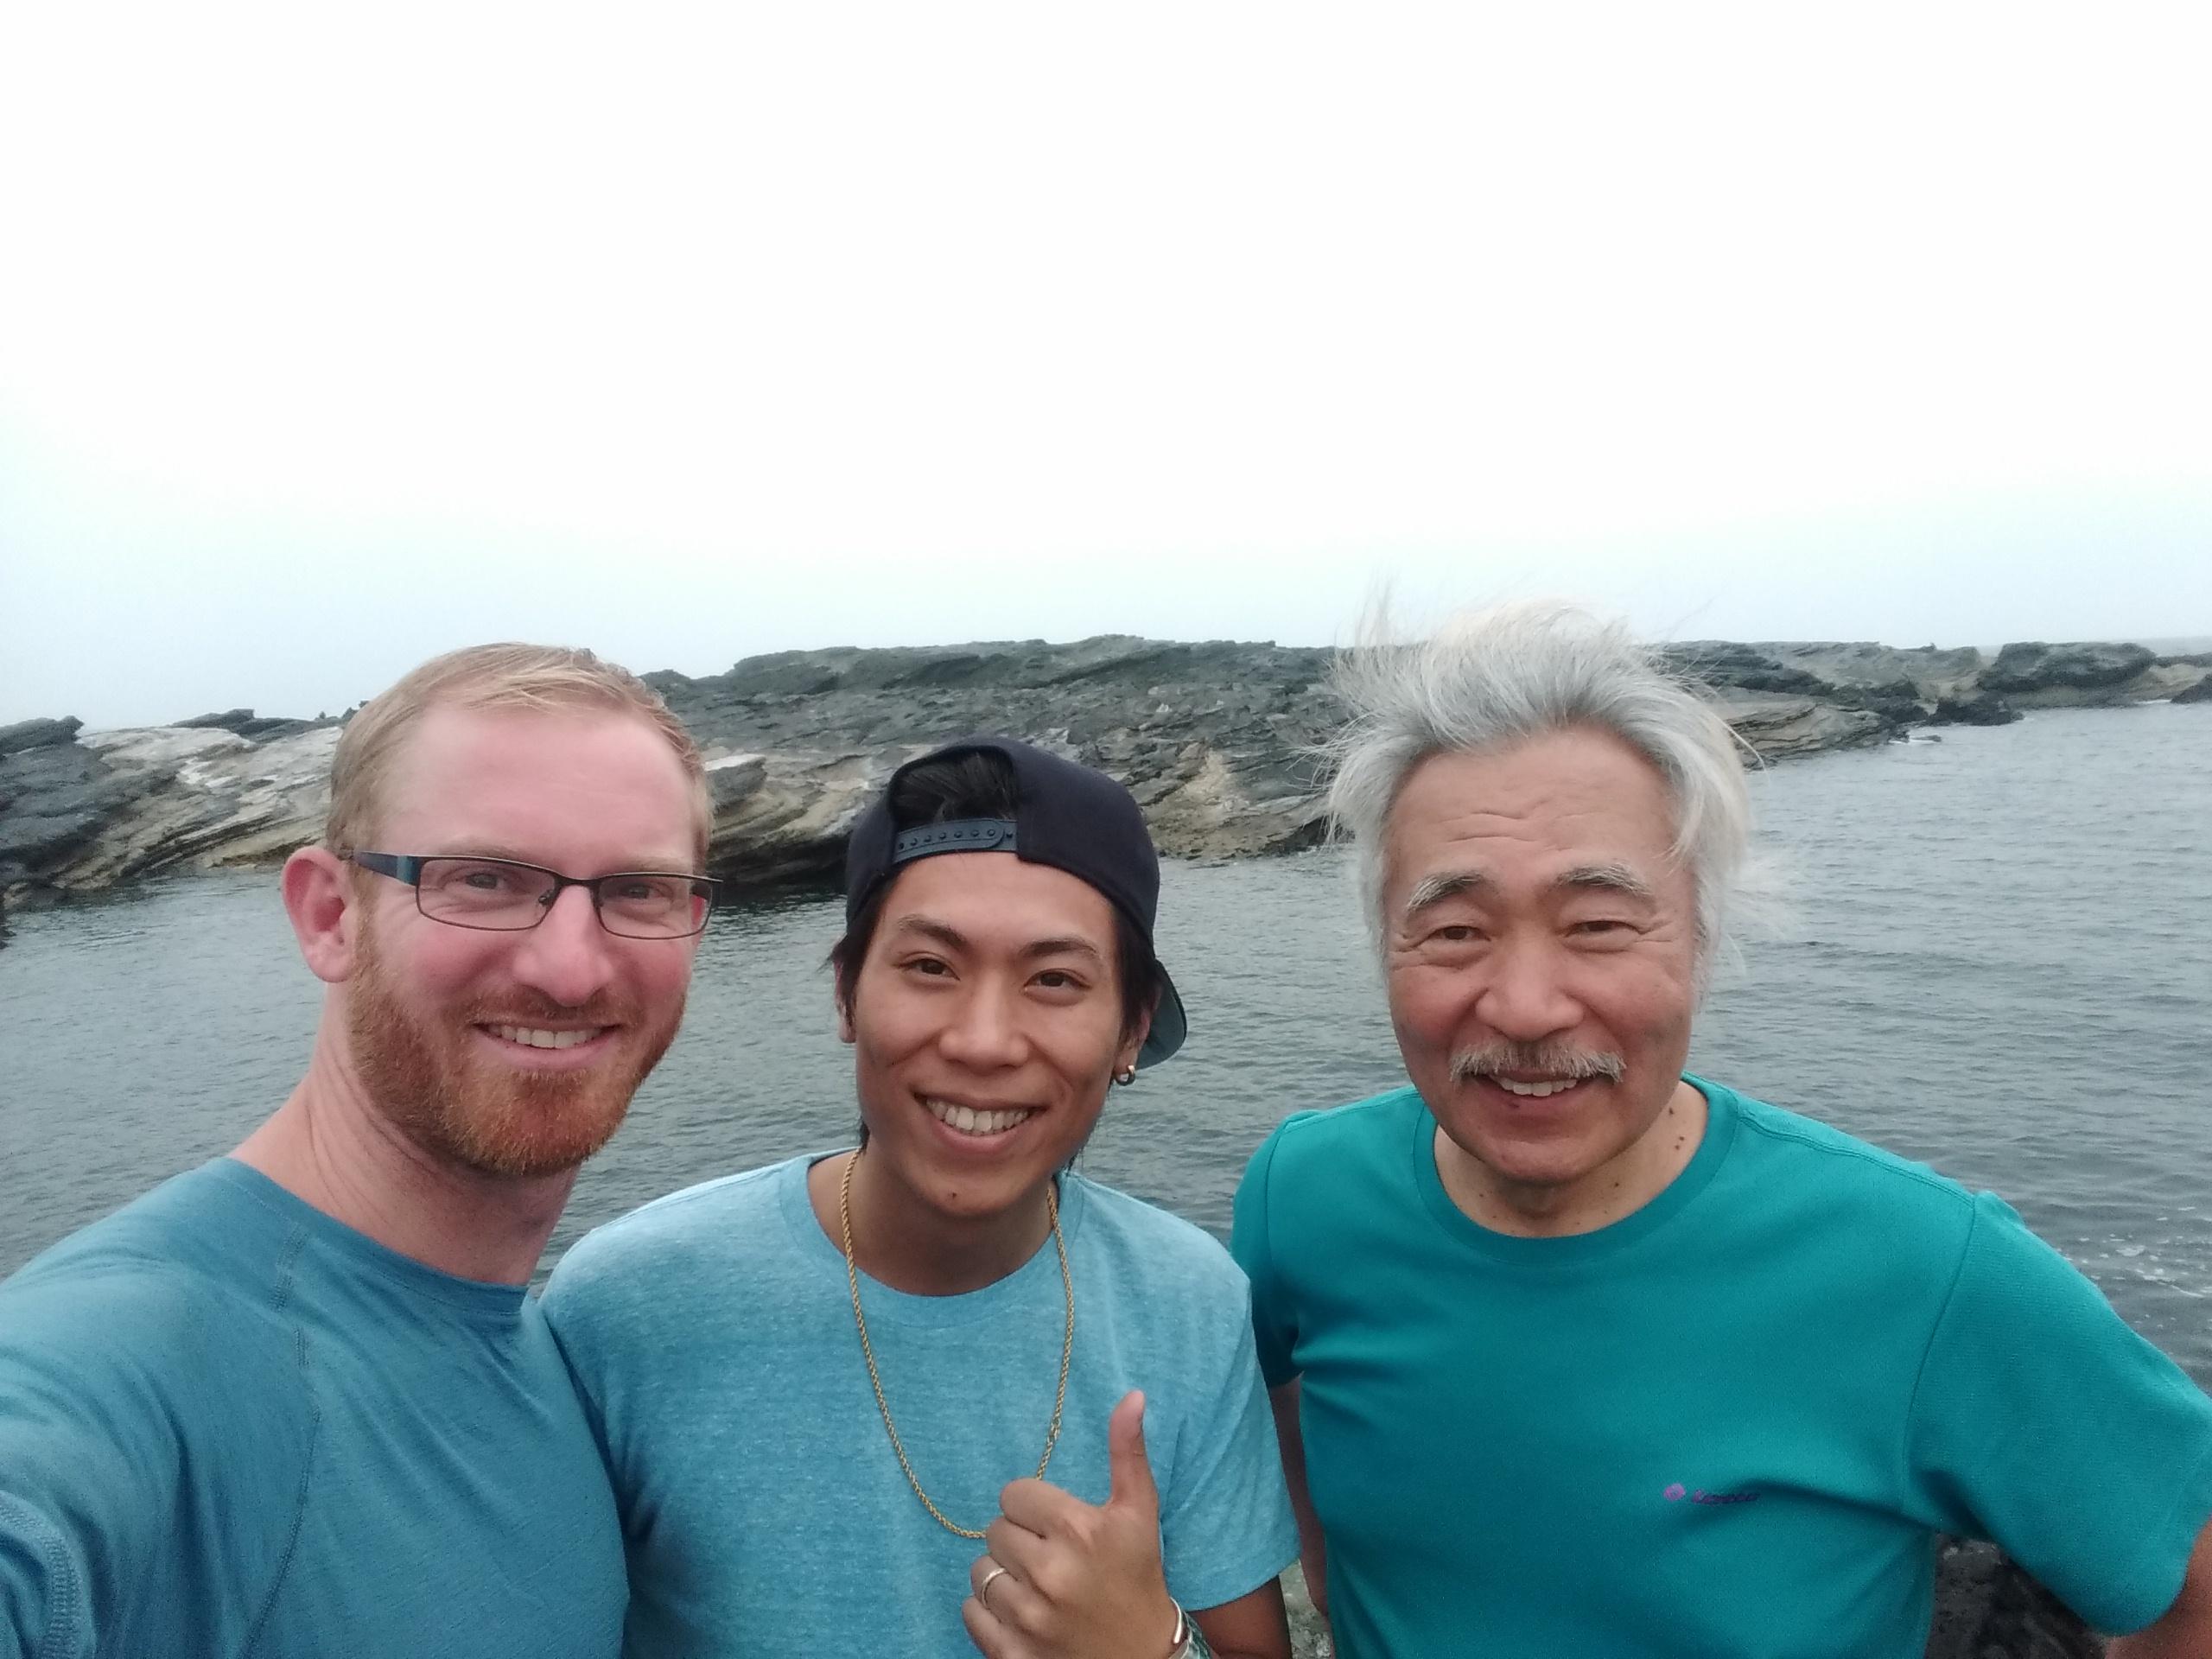 Me, Kyo and Hitoshi